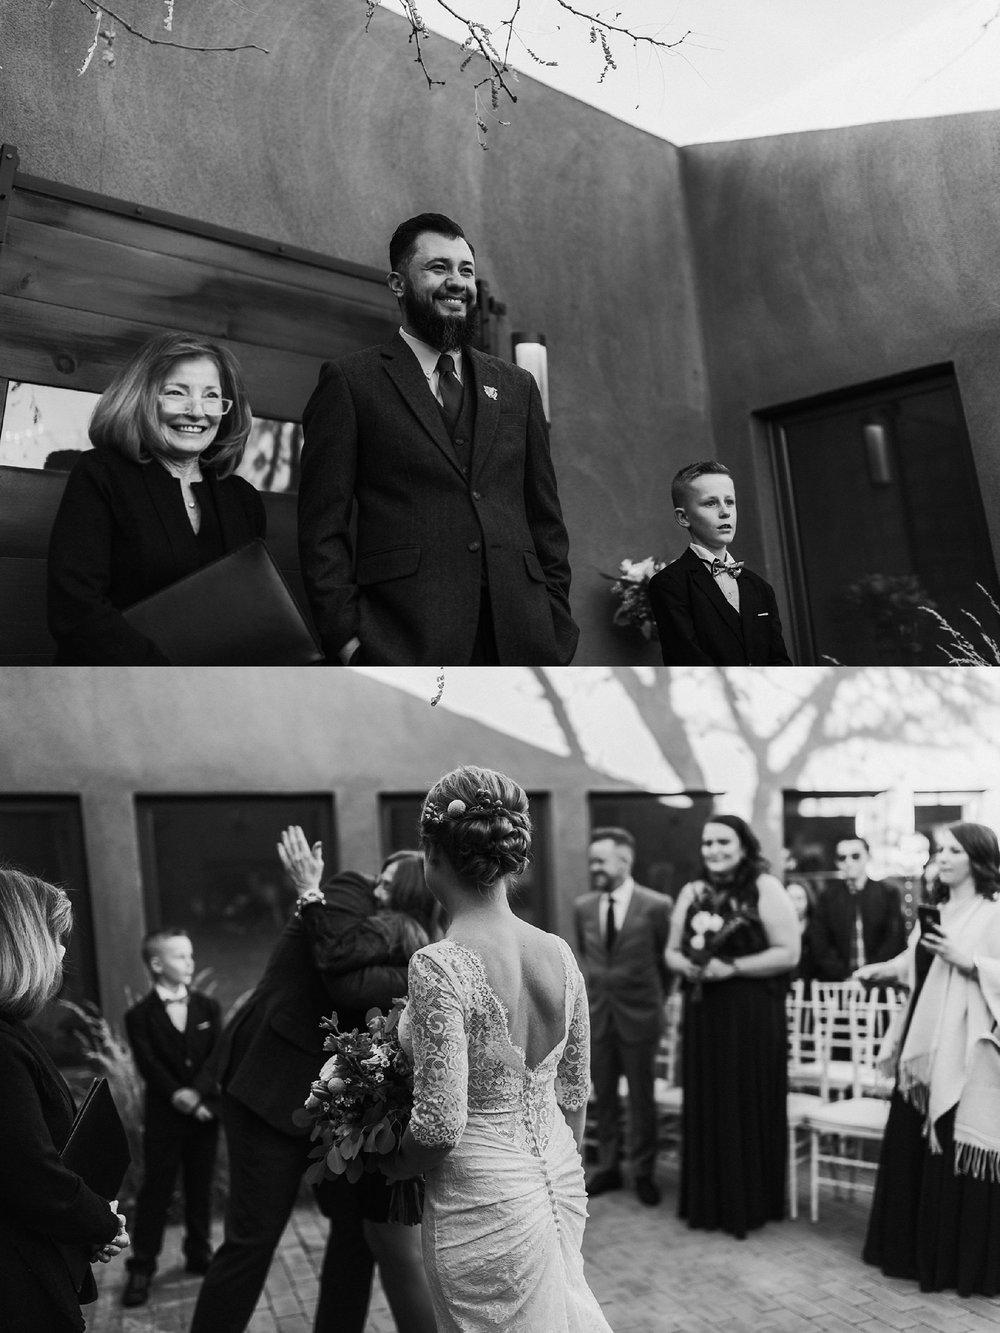 Alicia+lucia+photography+-+albuquerque+wedding+photographer+-+santa+fe+wedding+photography+-+new+mexico+wedding+photographer+-+new+mexico+wedding+-+wedding+photographer+-+wedding+photographer+team_0122.jpg